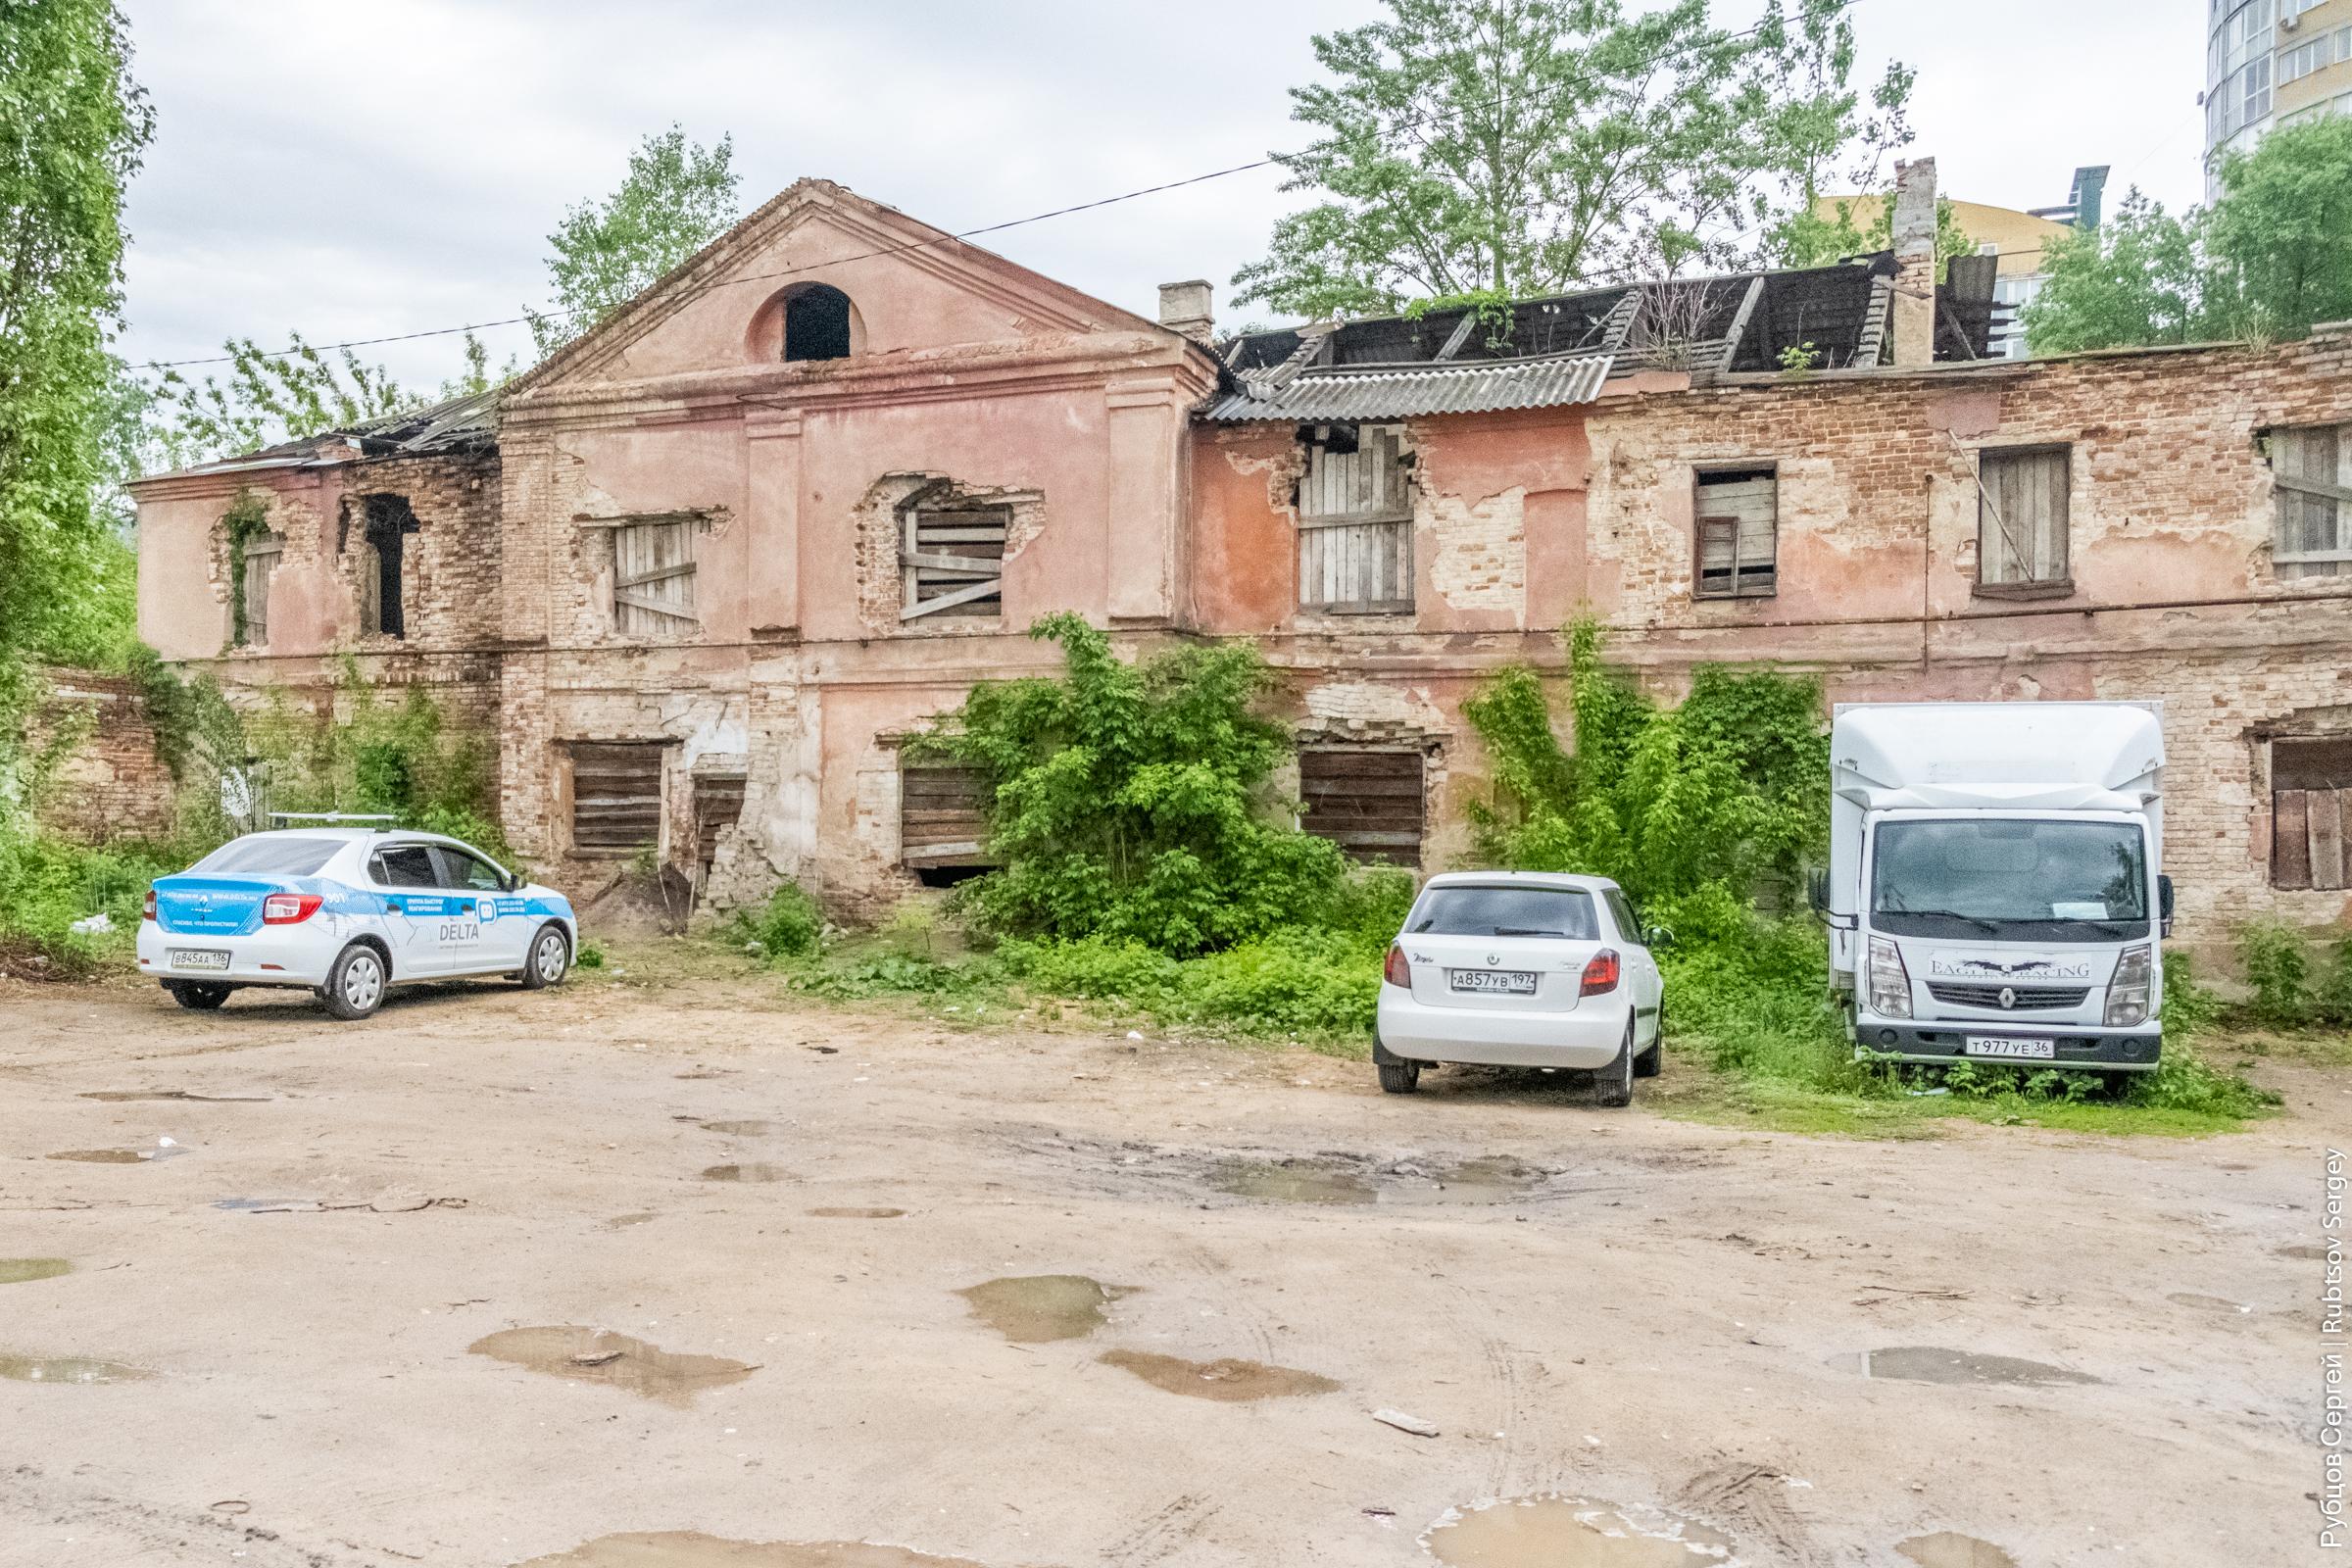 Усадьба Гарденина - самый старый жилой дом Воронежа